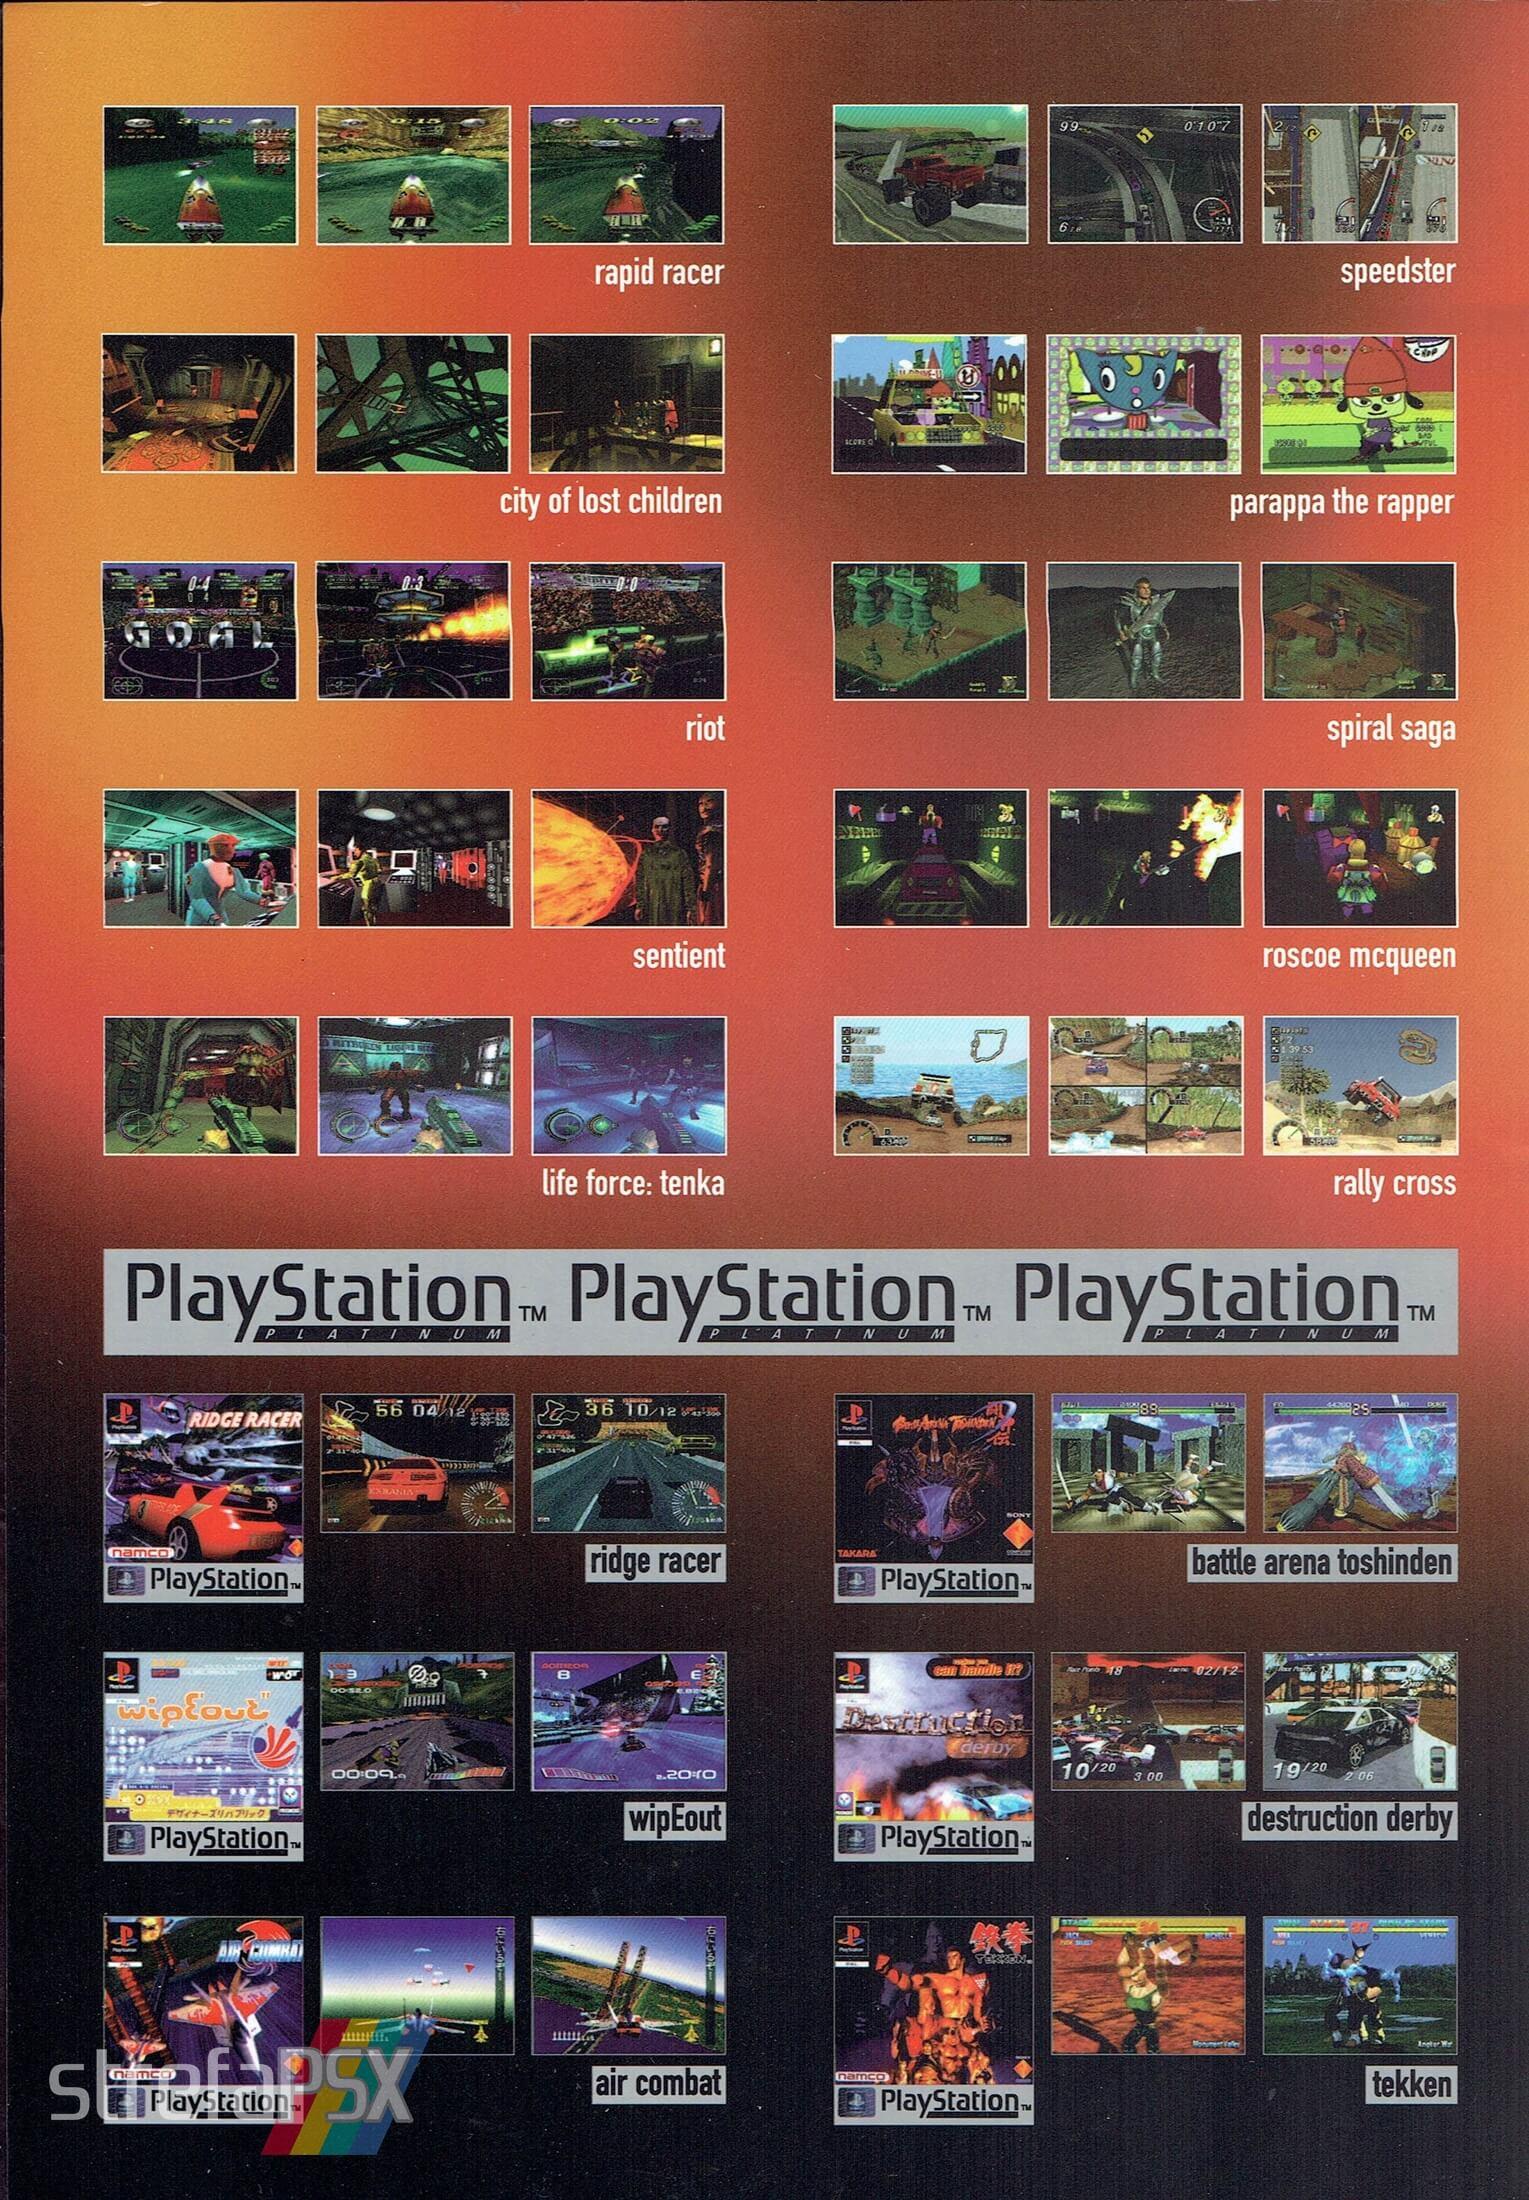 broszura reklamowa psx 05 - Broszury reklamowe PlayStation z dawnych lat